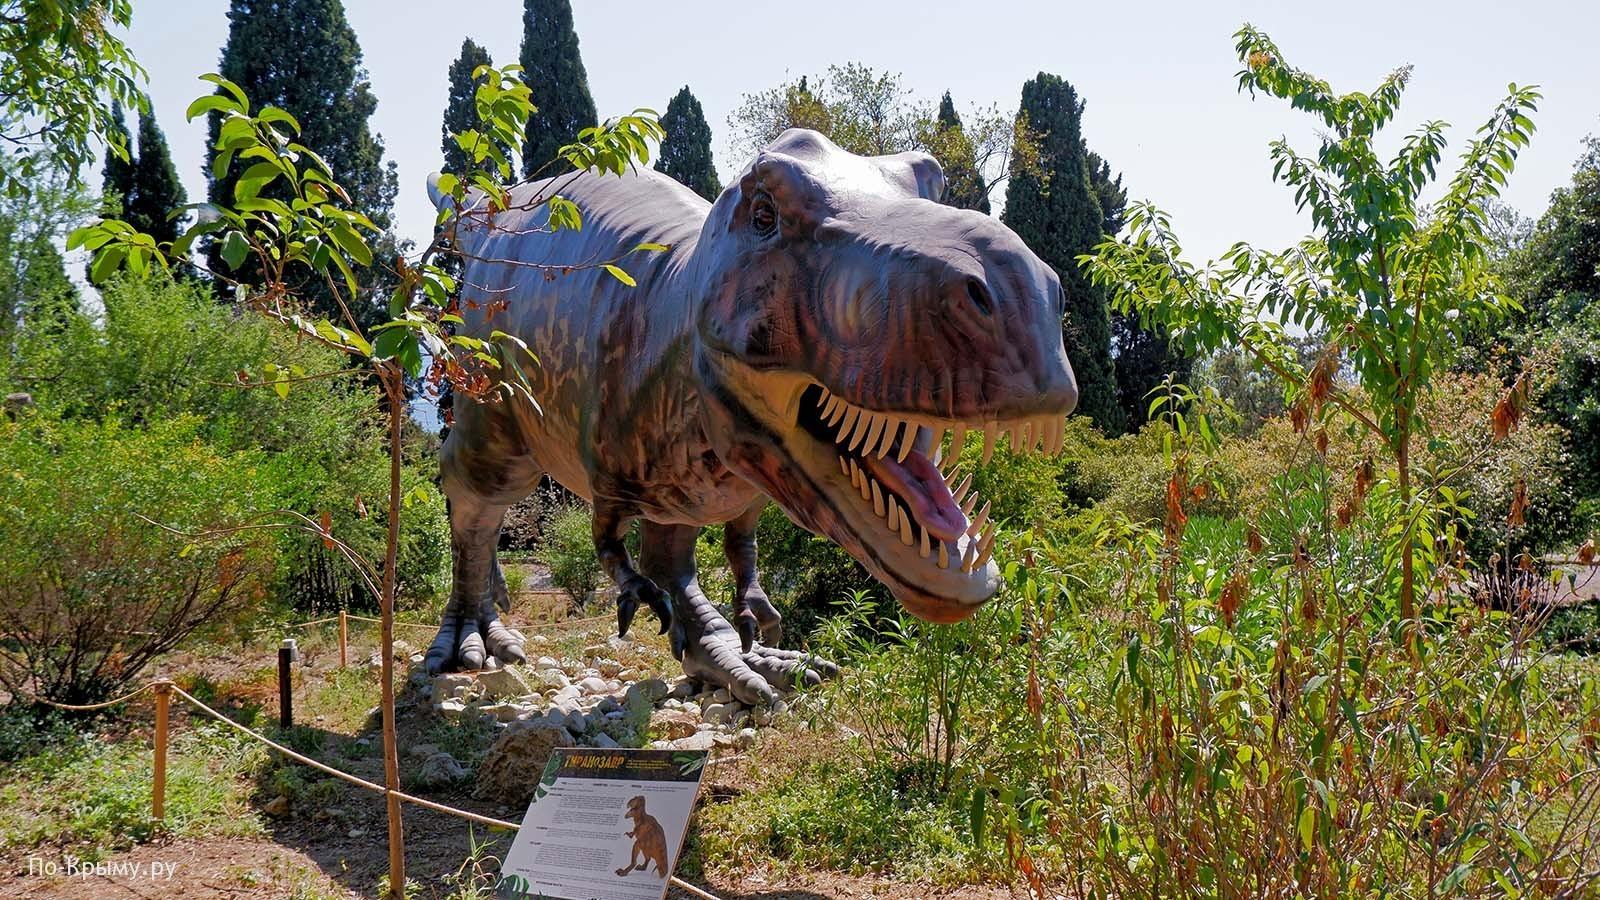 Выставка динозавров в Приморском парке, Большая Ялта